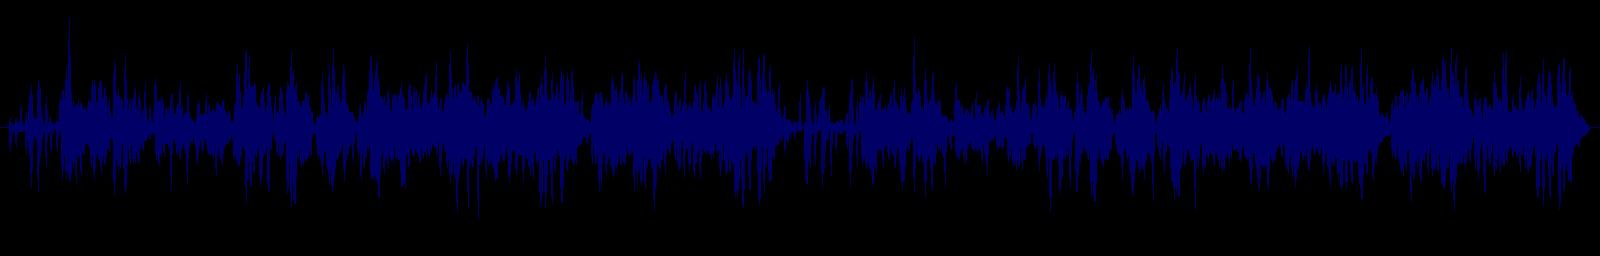 waveform of track #137846